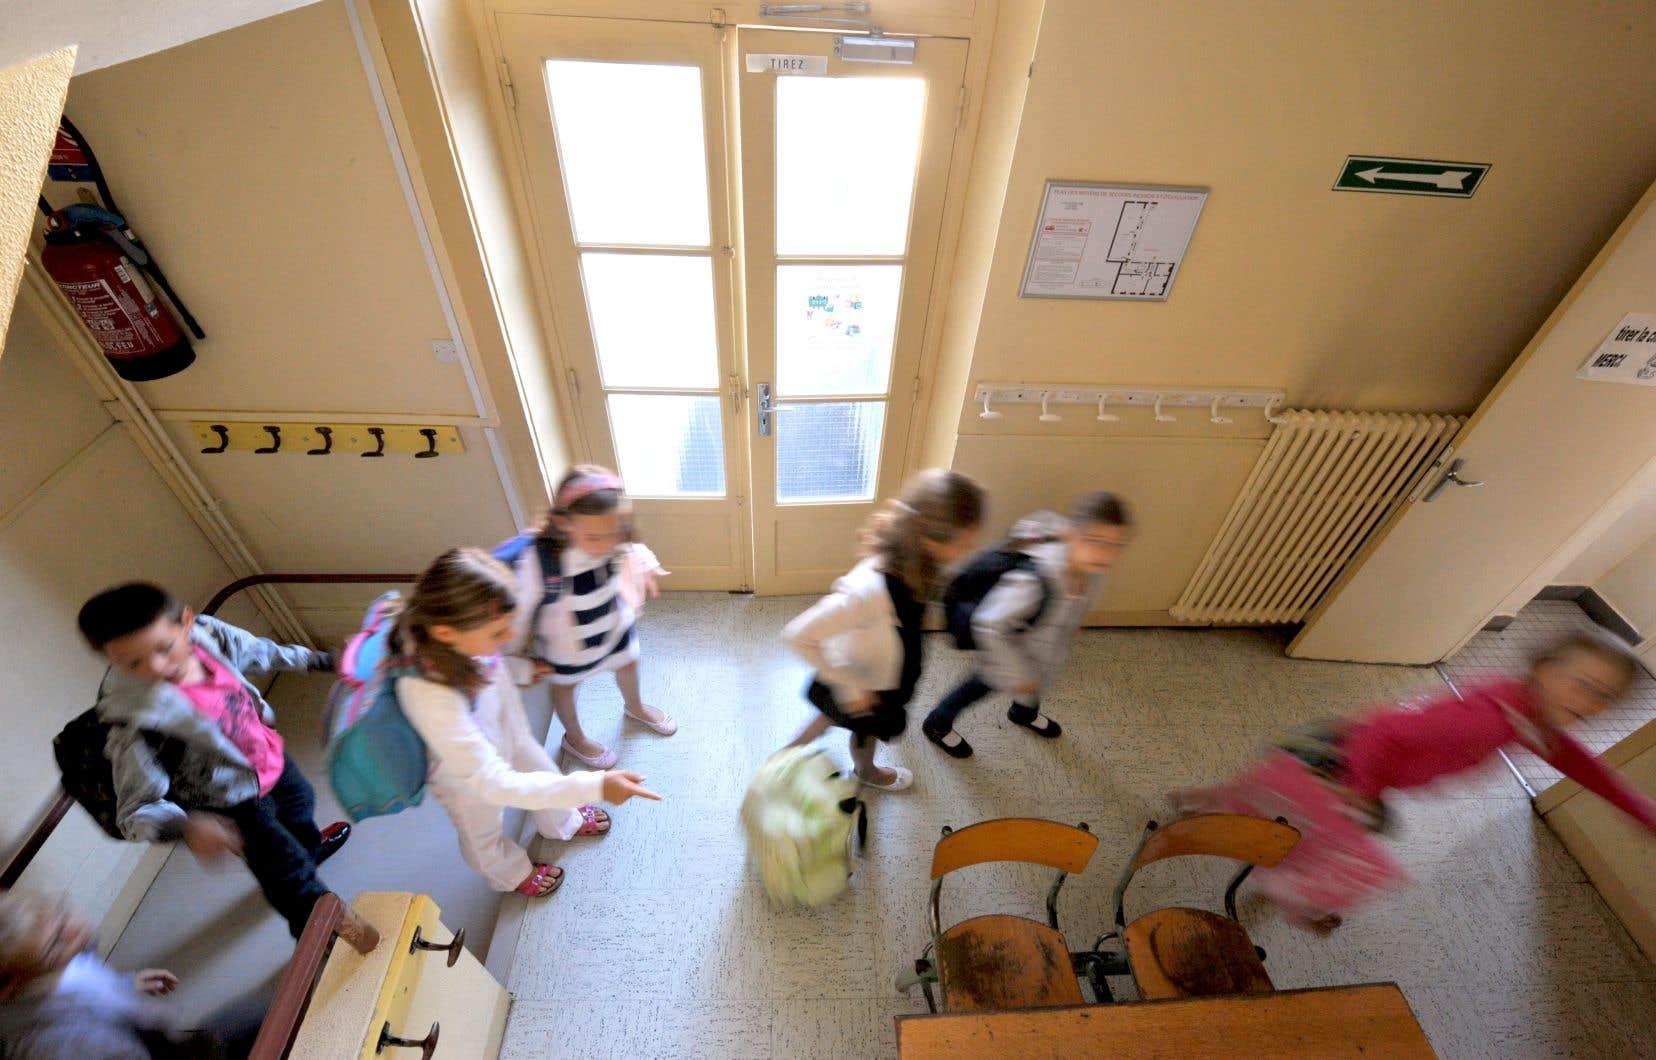 Le nombre d'élèves étiquetés comme «handicapé ou en difficulté d'apprentissage ou d'adaptation» (HDAA) a explosé ces dernières années.